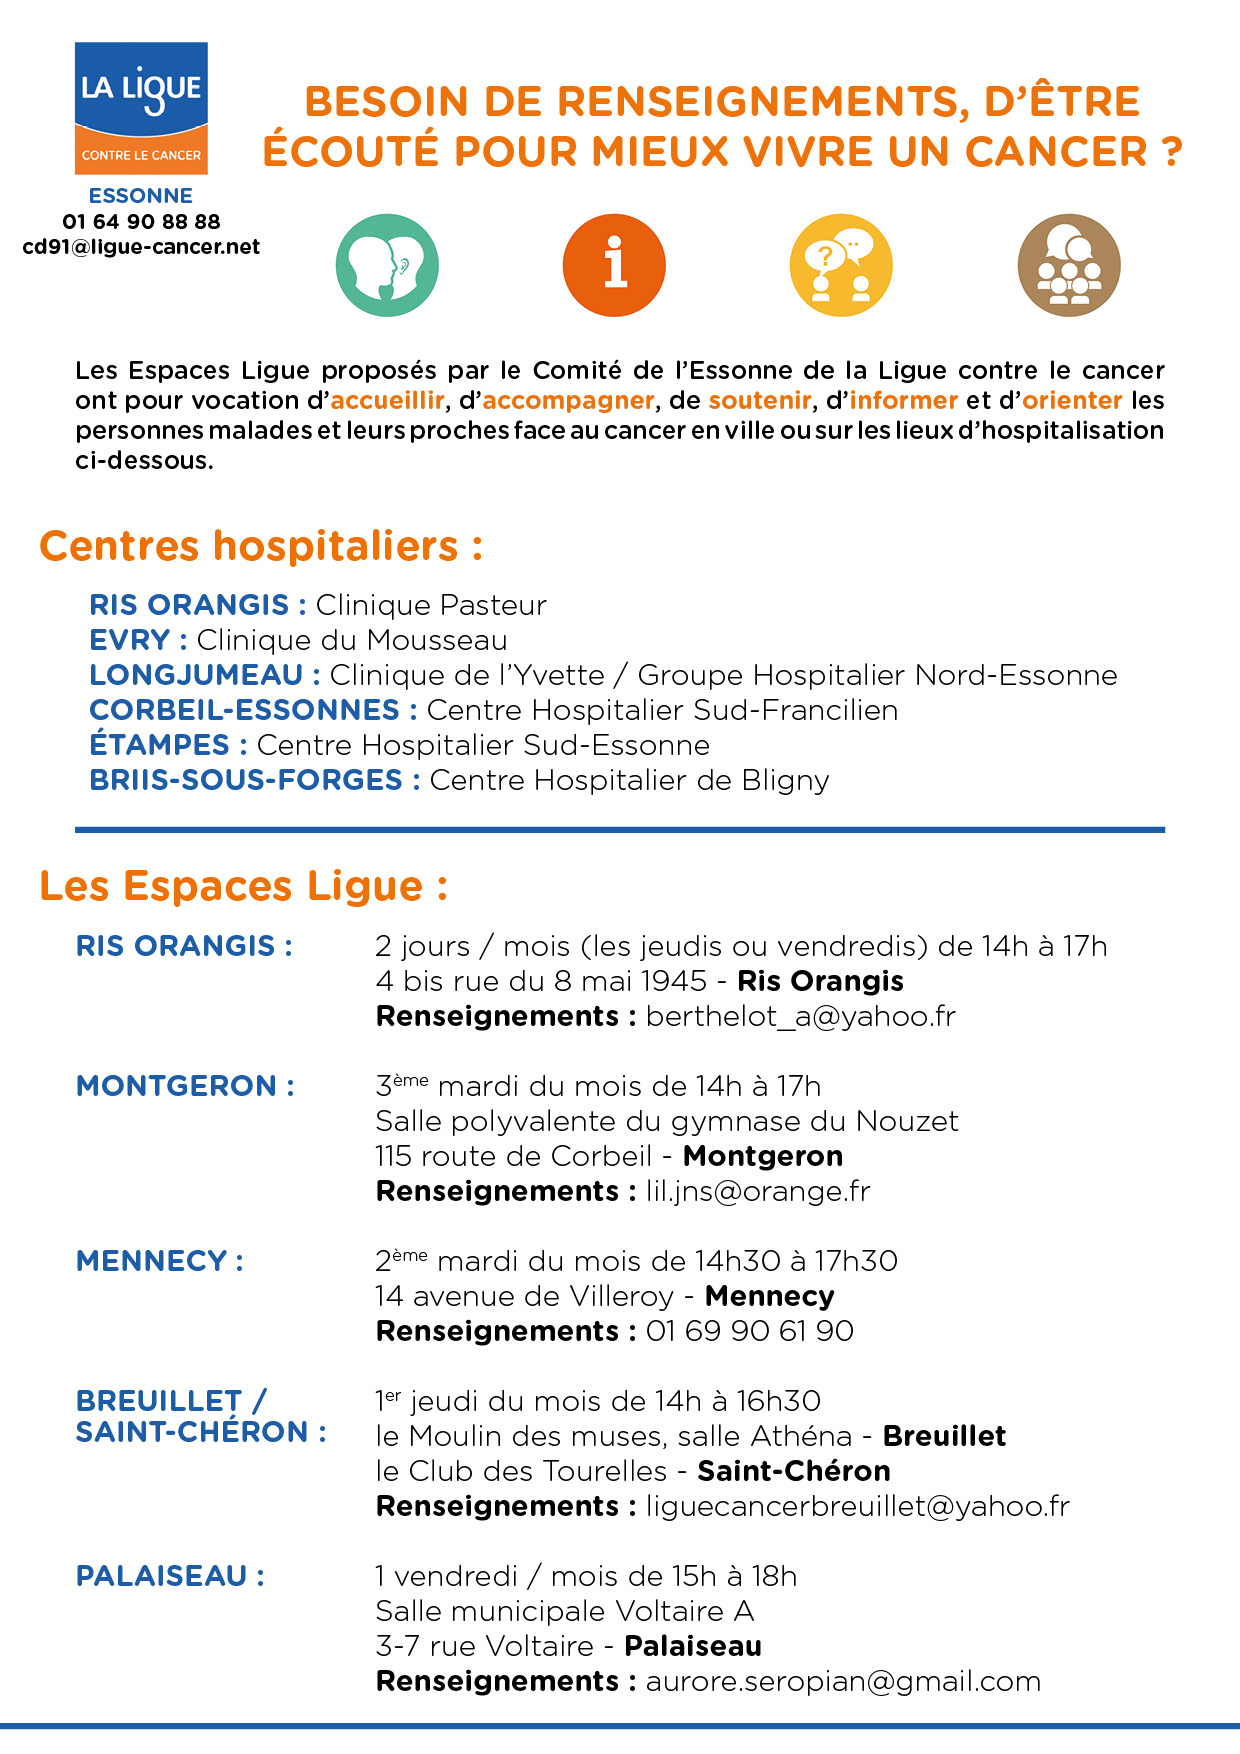 Liste des Espaces Ligue en Essonne